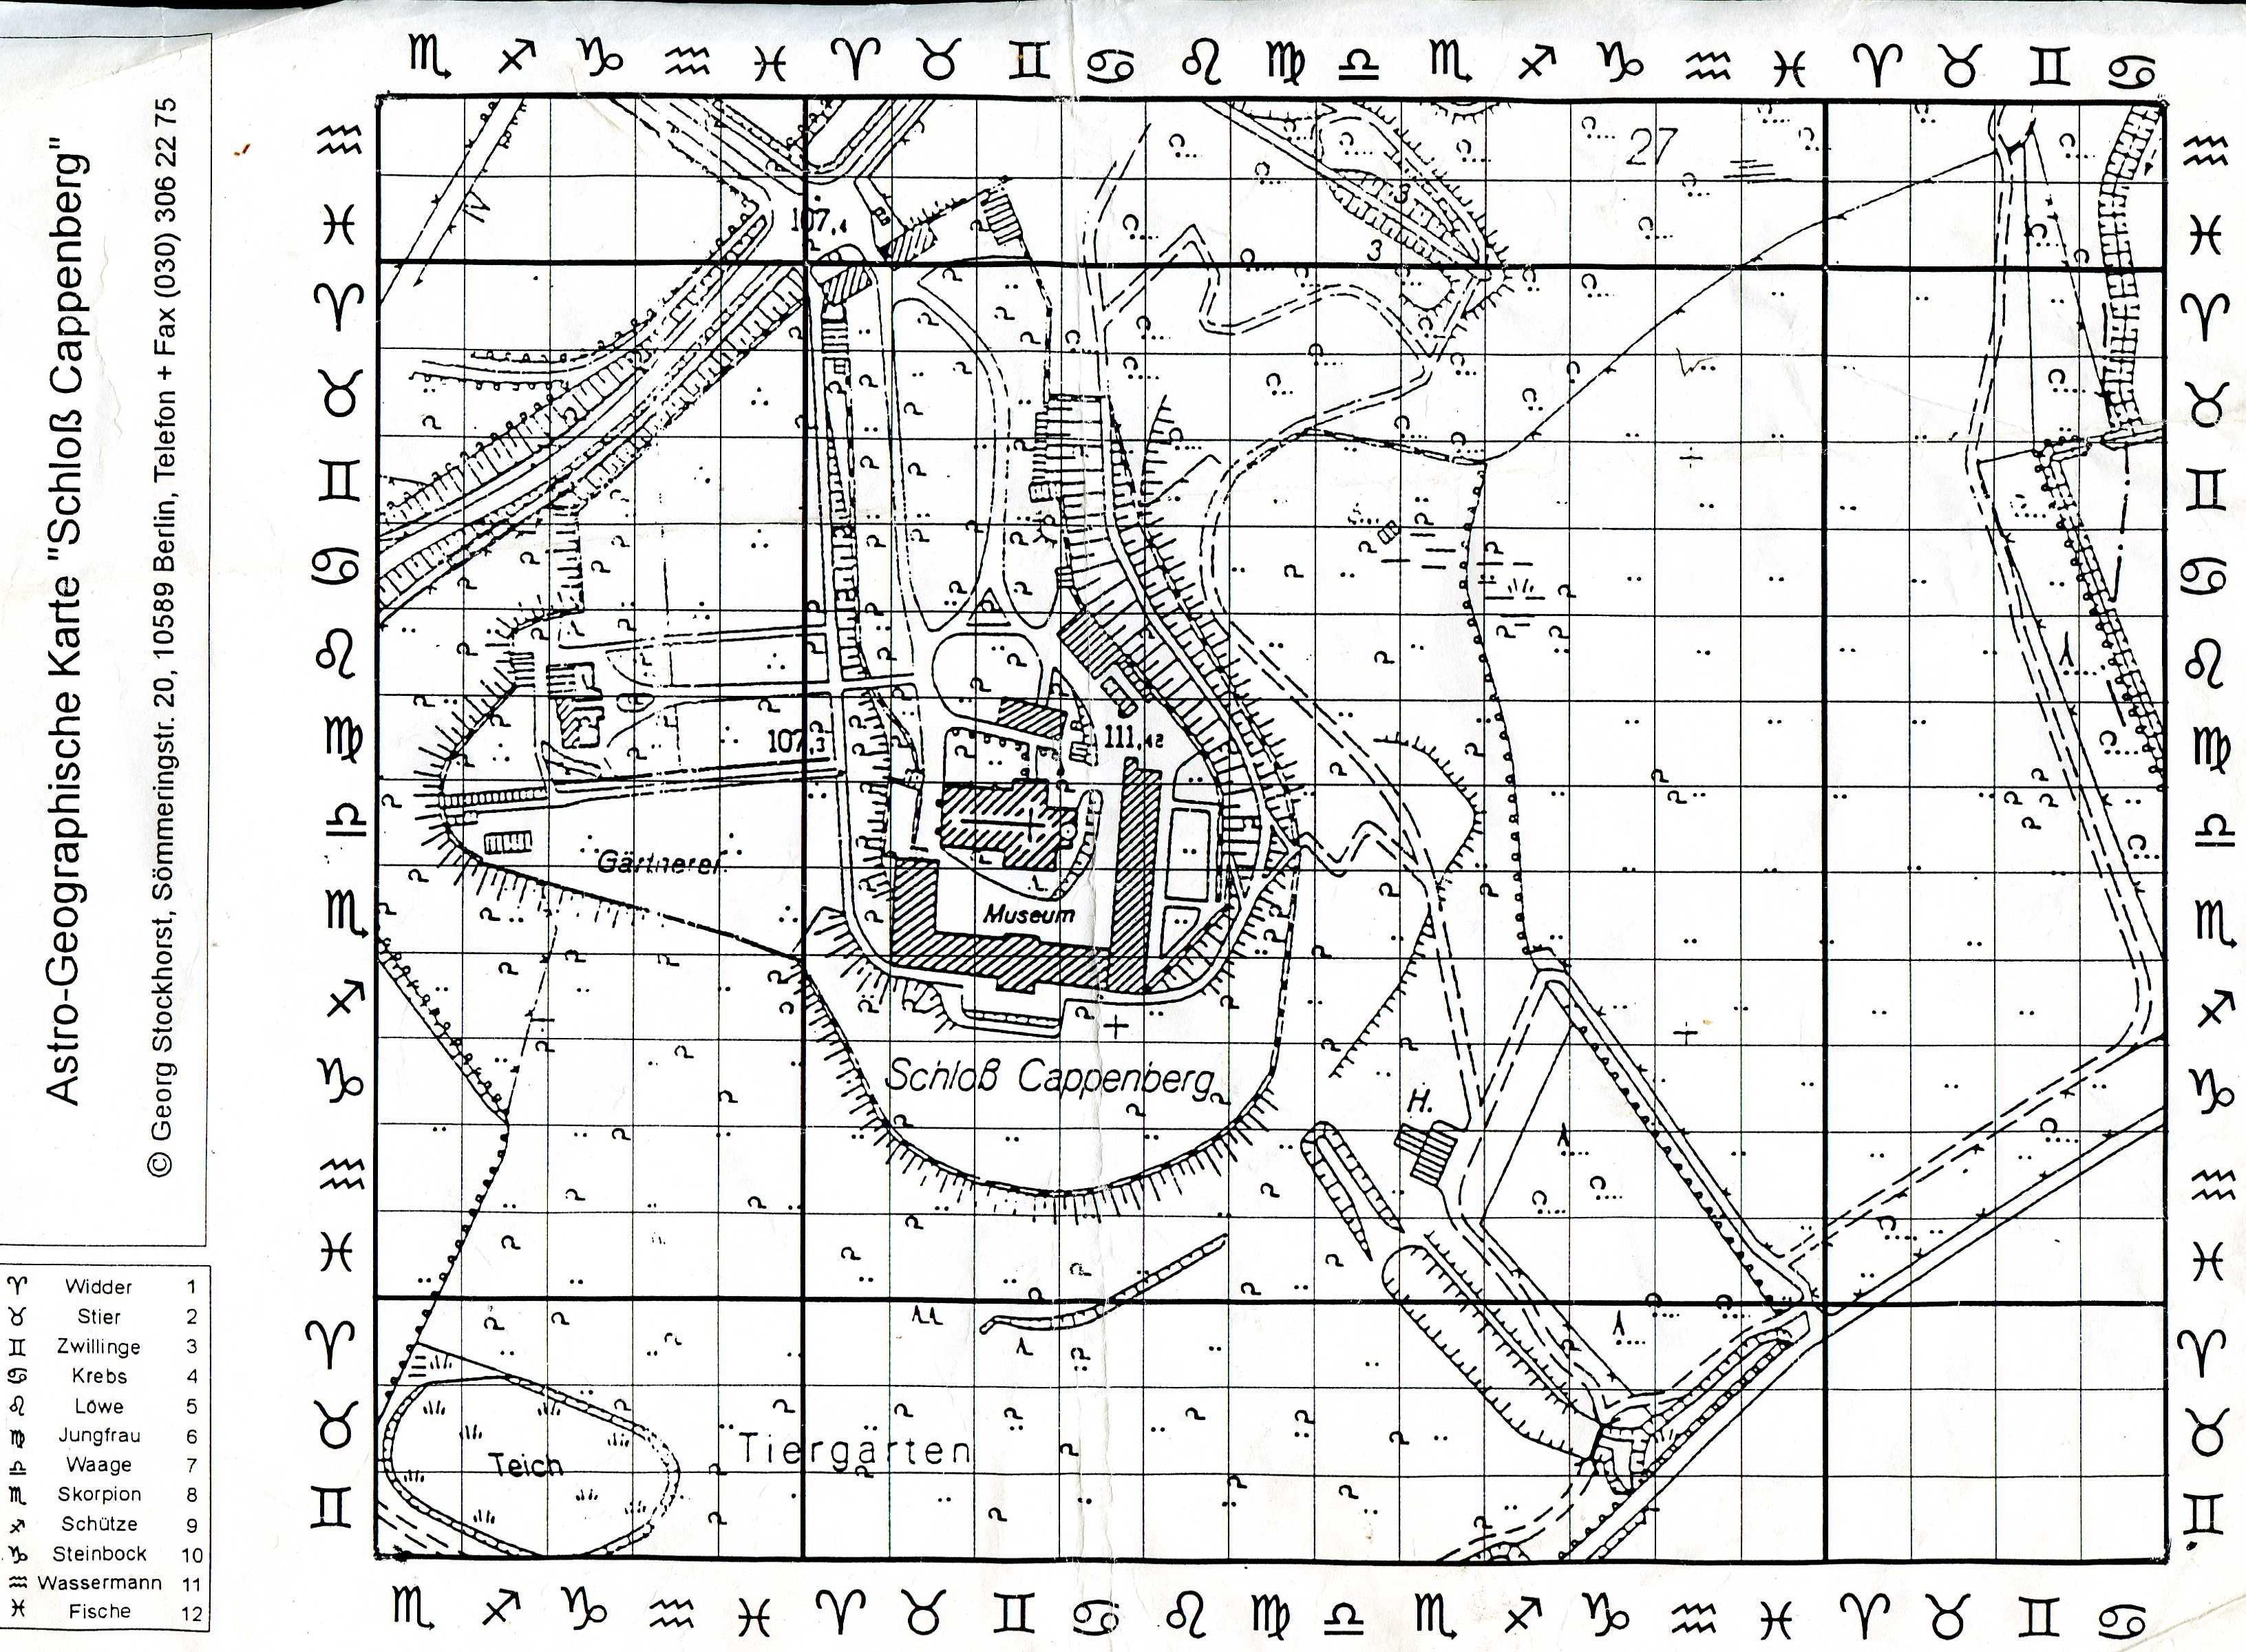 Astrologisch - Geomantisches Gitternetz mit 30m x 30m Quadranten. Kartierung von Schloss Cappenberg - Auftragskartierung für das Institut für Resonanztherapie Cappenberg, 1997. Copyright: Georg Stockhorst